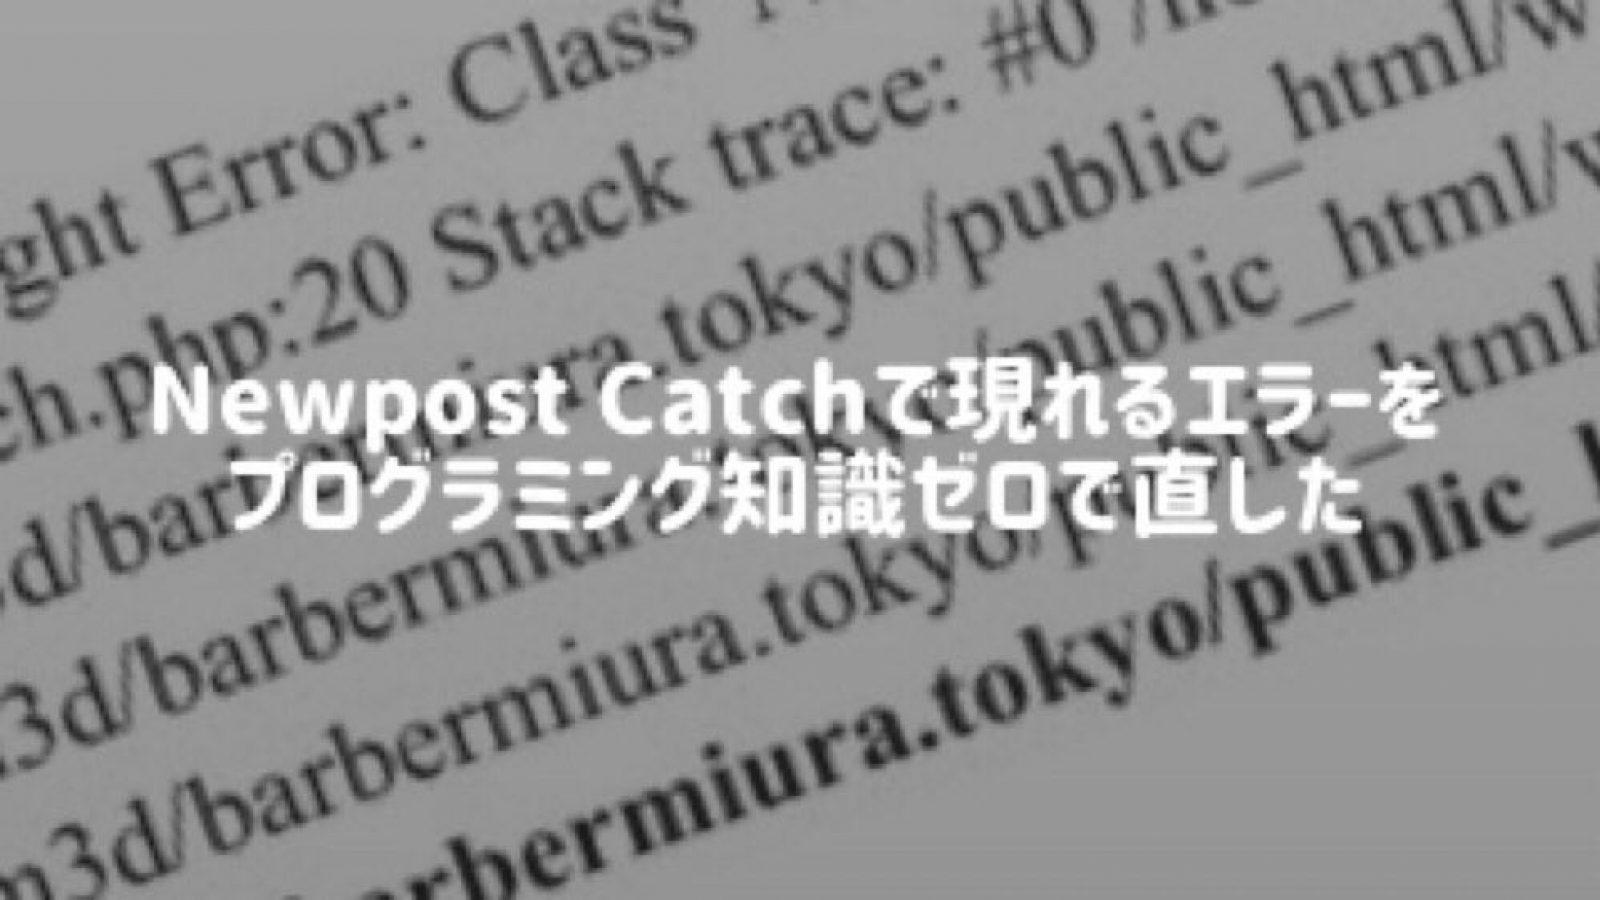 【WordPress プラグイン】Newpist Catchを固定ページで使う際に出るエラーの対処方法【知識ない人向け】